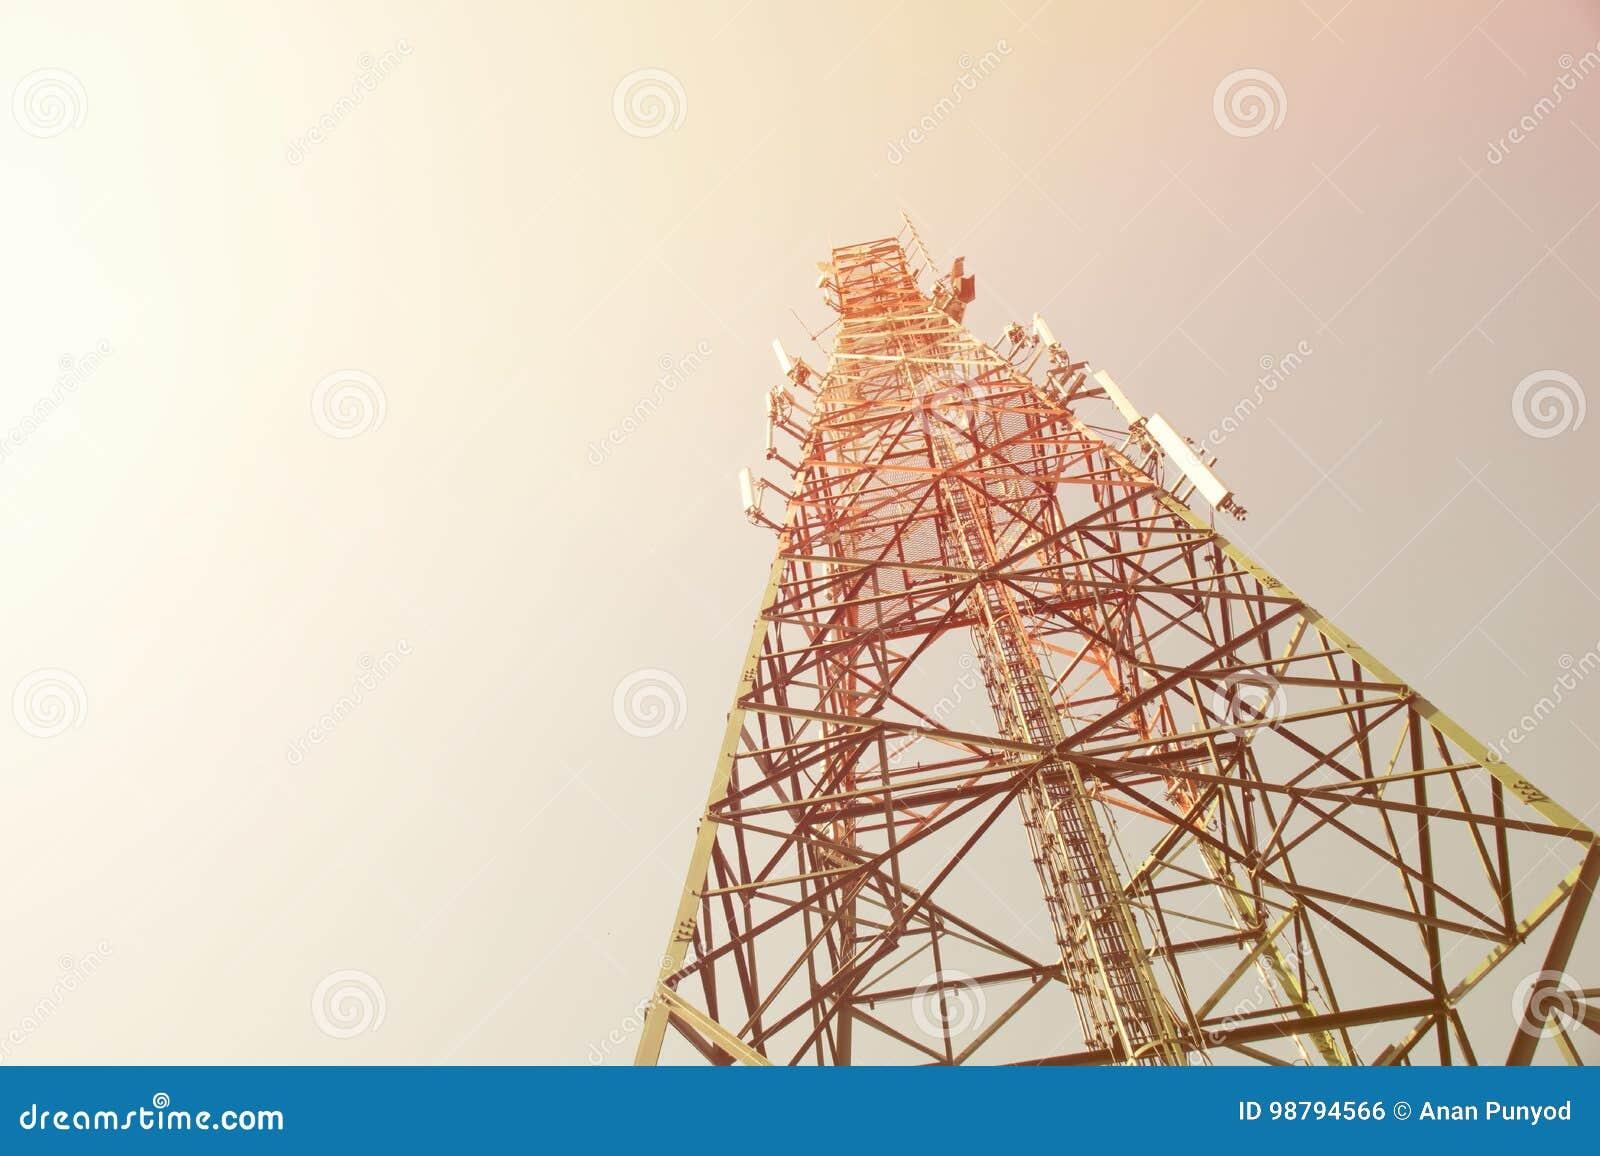 Vers le haut de la livraison mobile d actualités de réception de radio de l électricité de communication de mât de tour d antenne